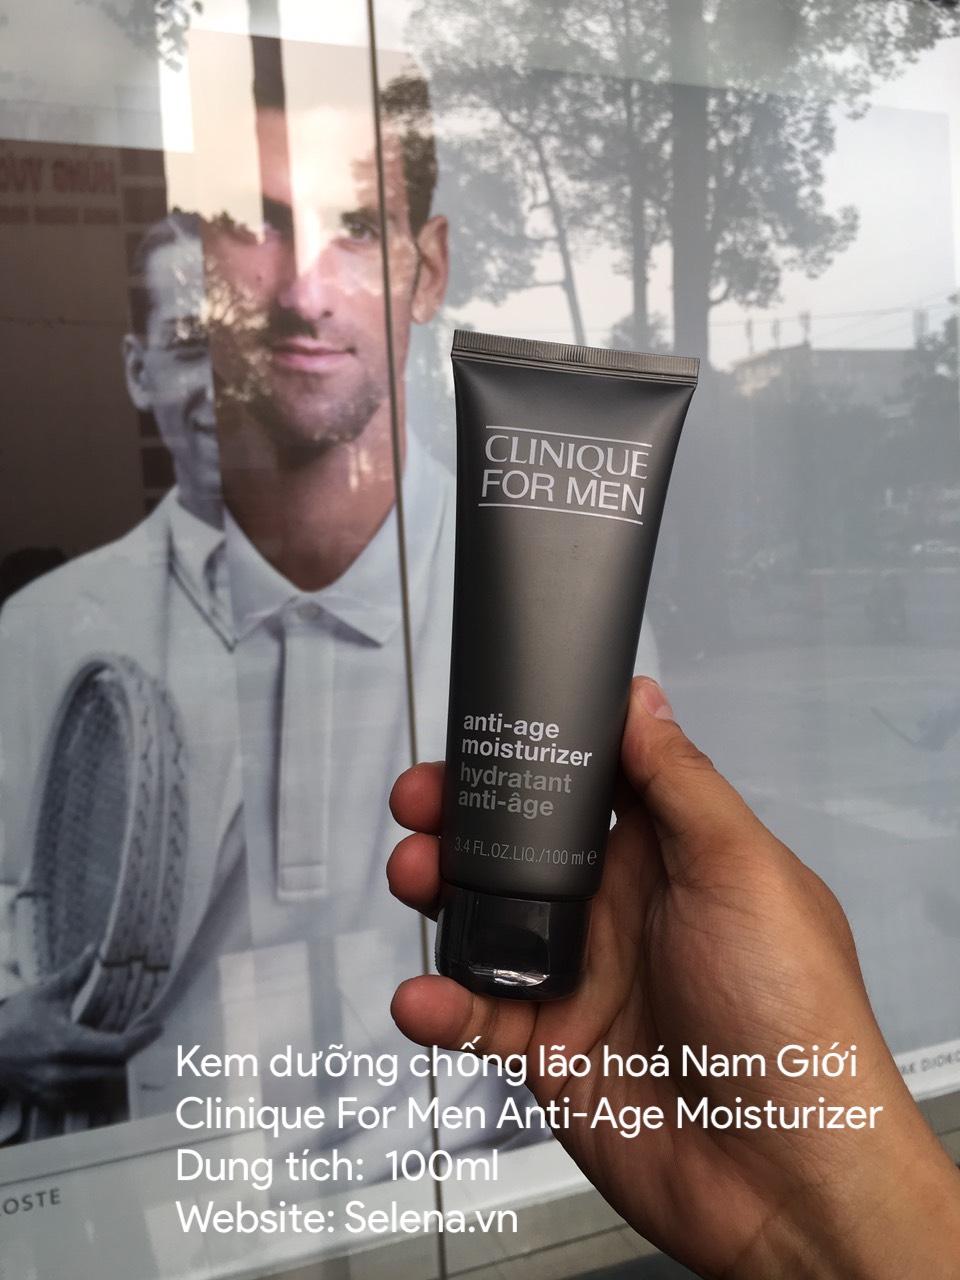 Kem dưỡng ẩm chống lão hoá cho nam giới Clinique For Men